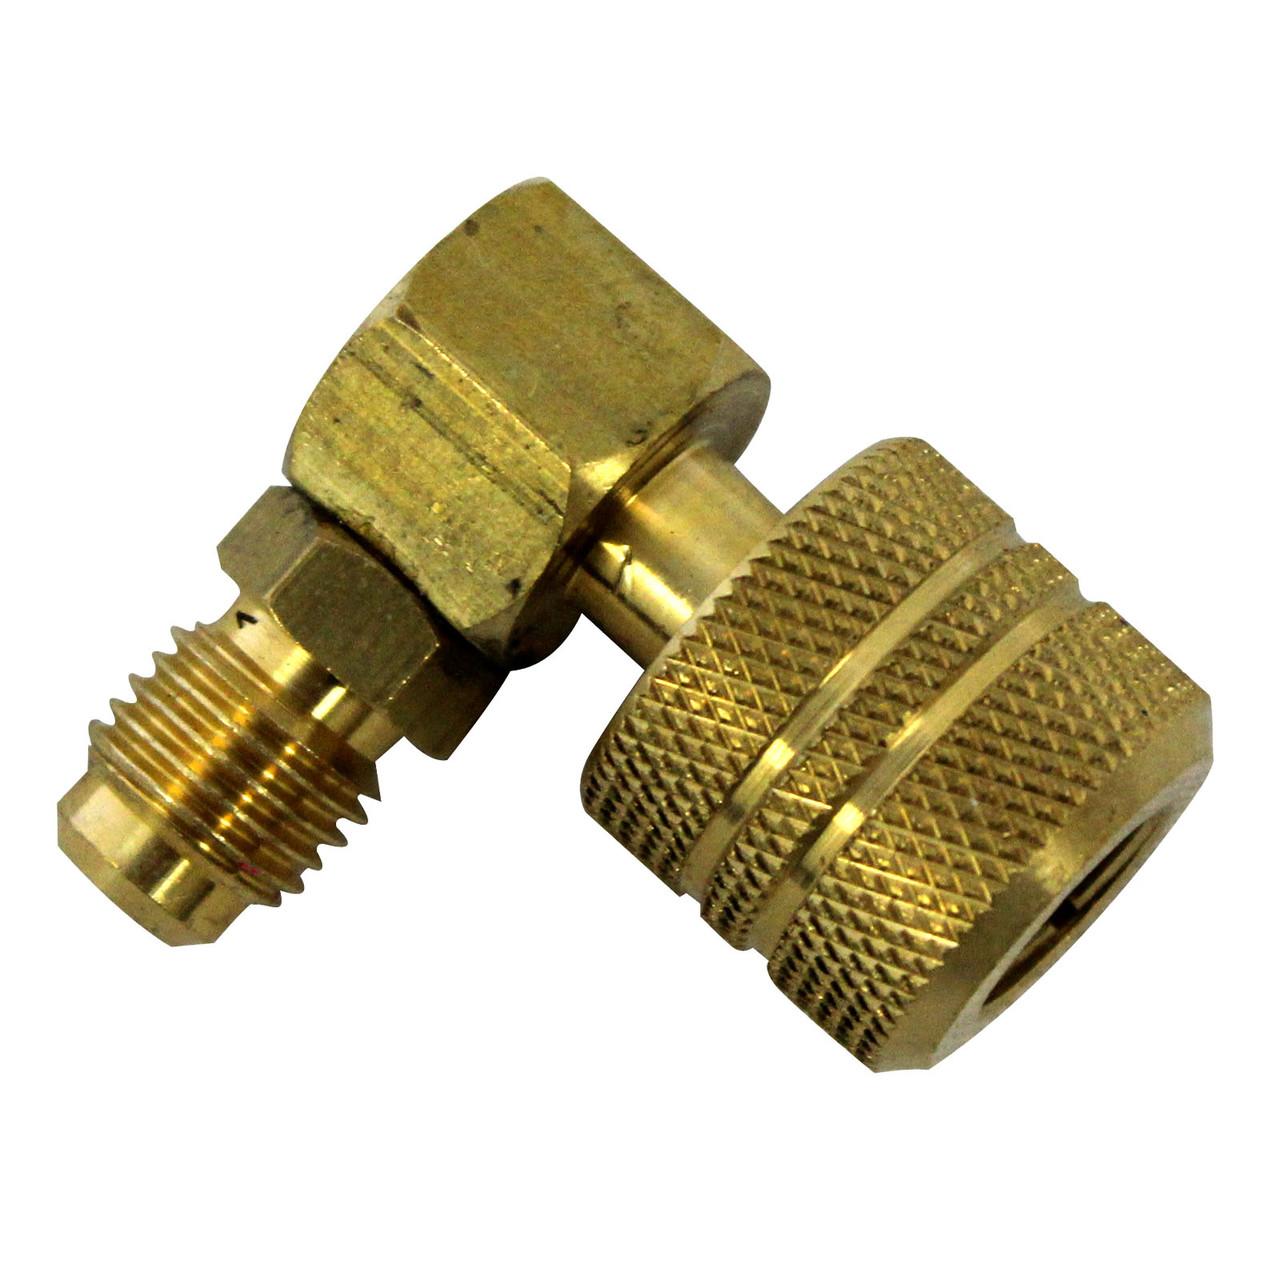 Быстросъемный клапан для сервисного вентиля 1/4 - 1/4 (Mastercool, США)